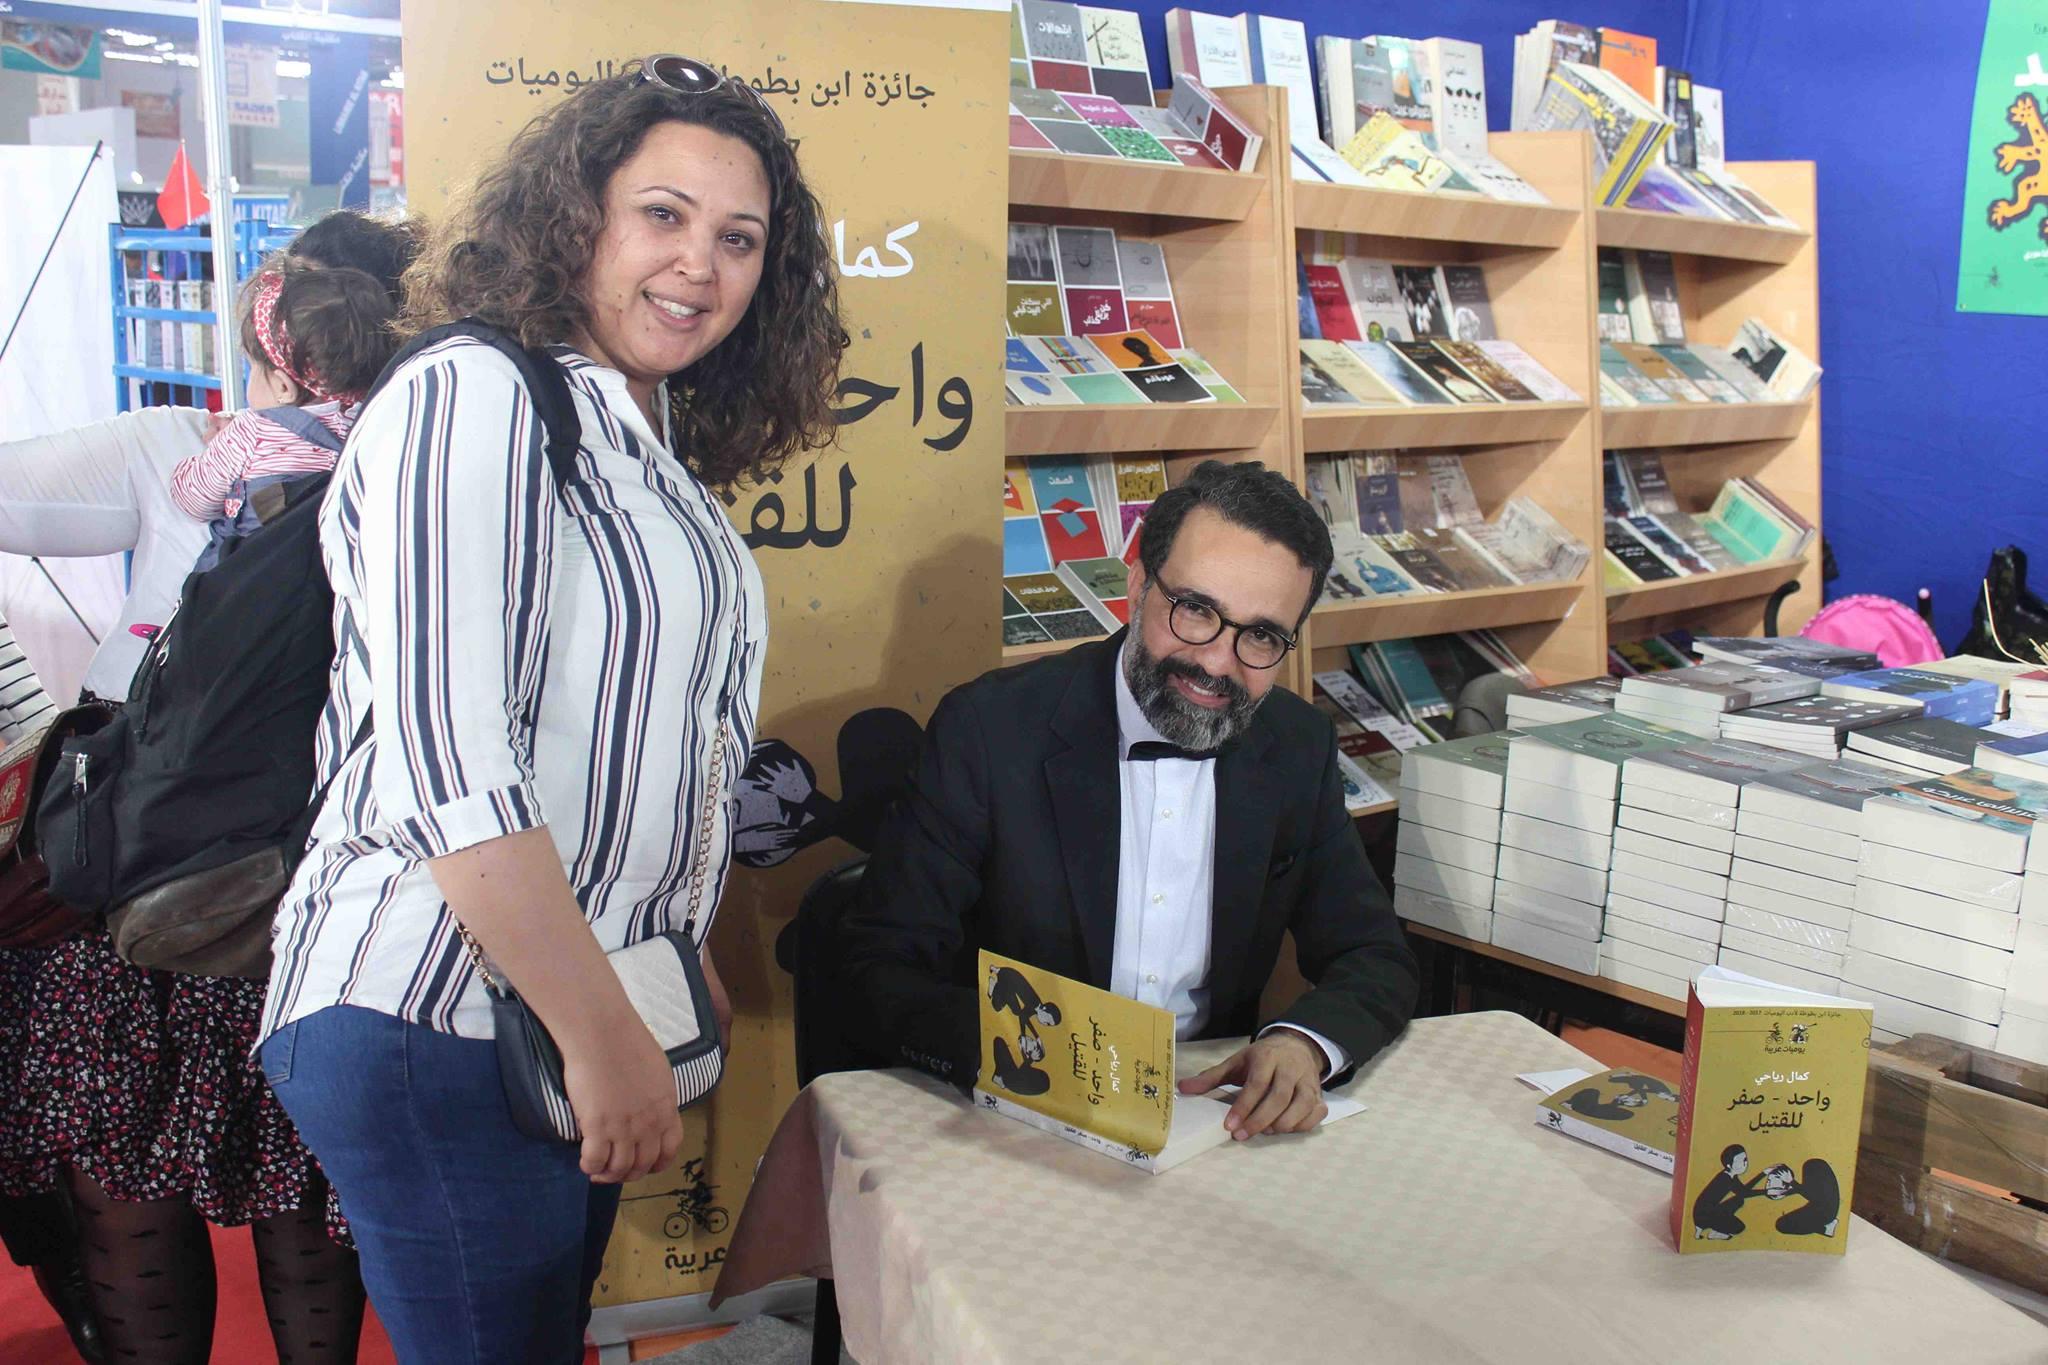 كمال الرياحى يوقع كتابه واحد صفر للقتيل الفائز بجائزة ابن بطوطة فى معرض تونس (16)